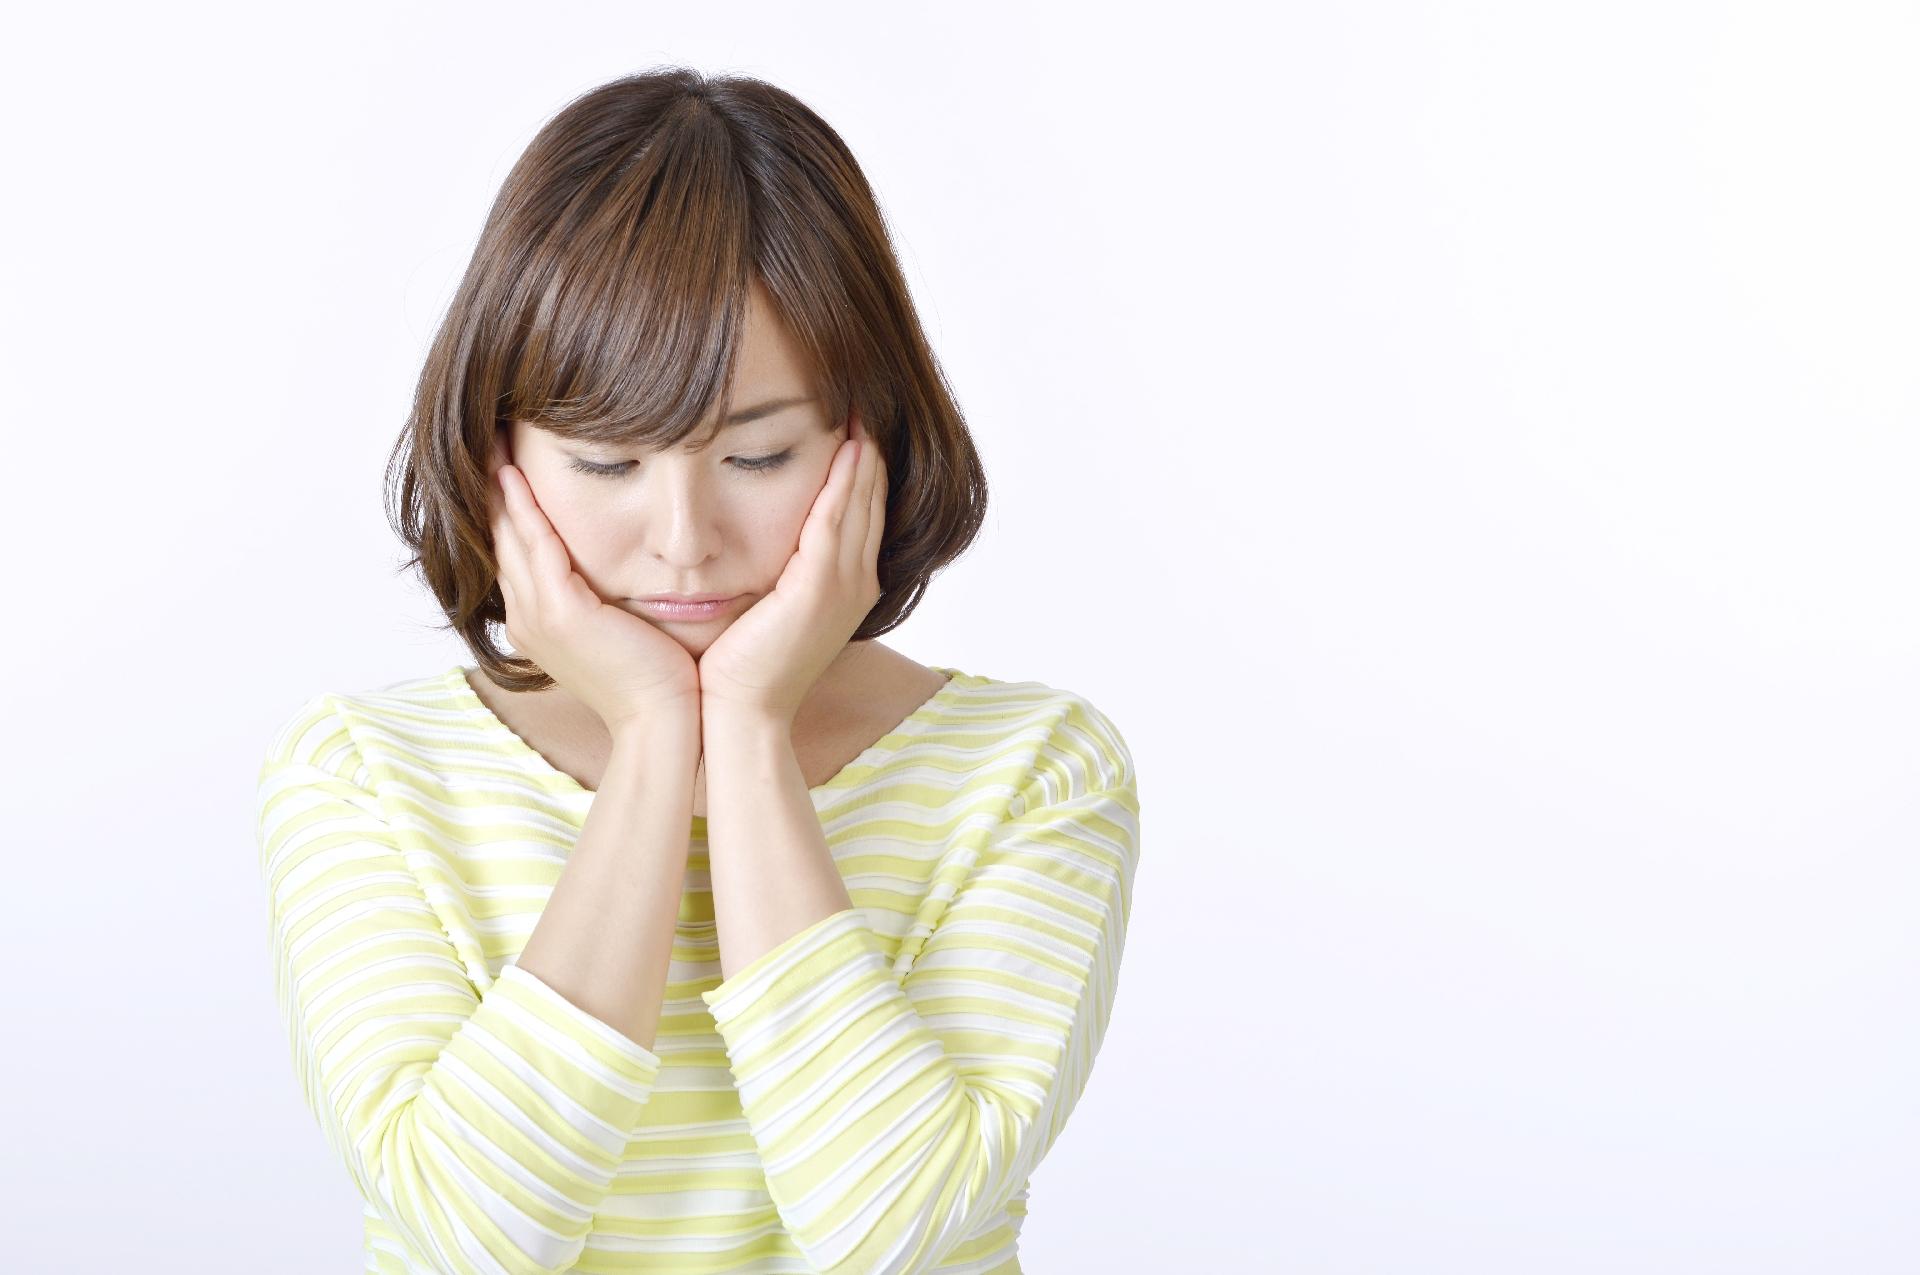 頭痛・だる重い…、梅雨のプチ不調に免疫乳酸菌でキレイと元気を♪